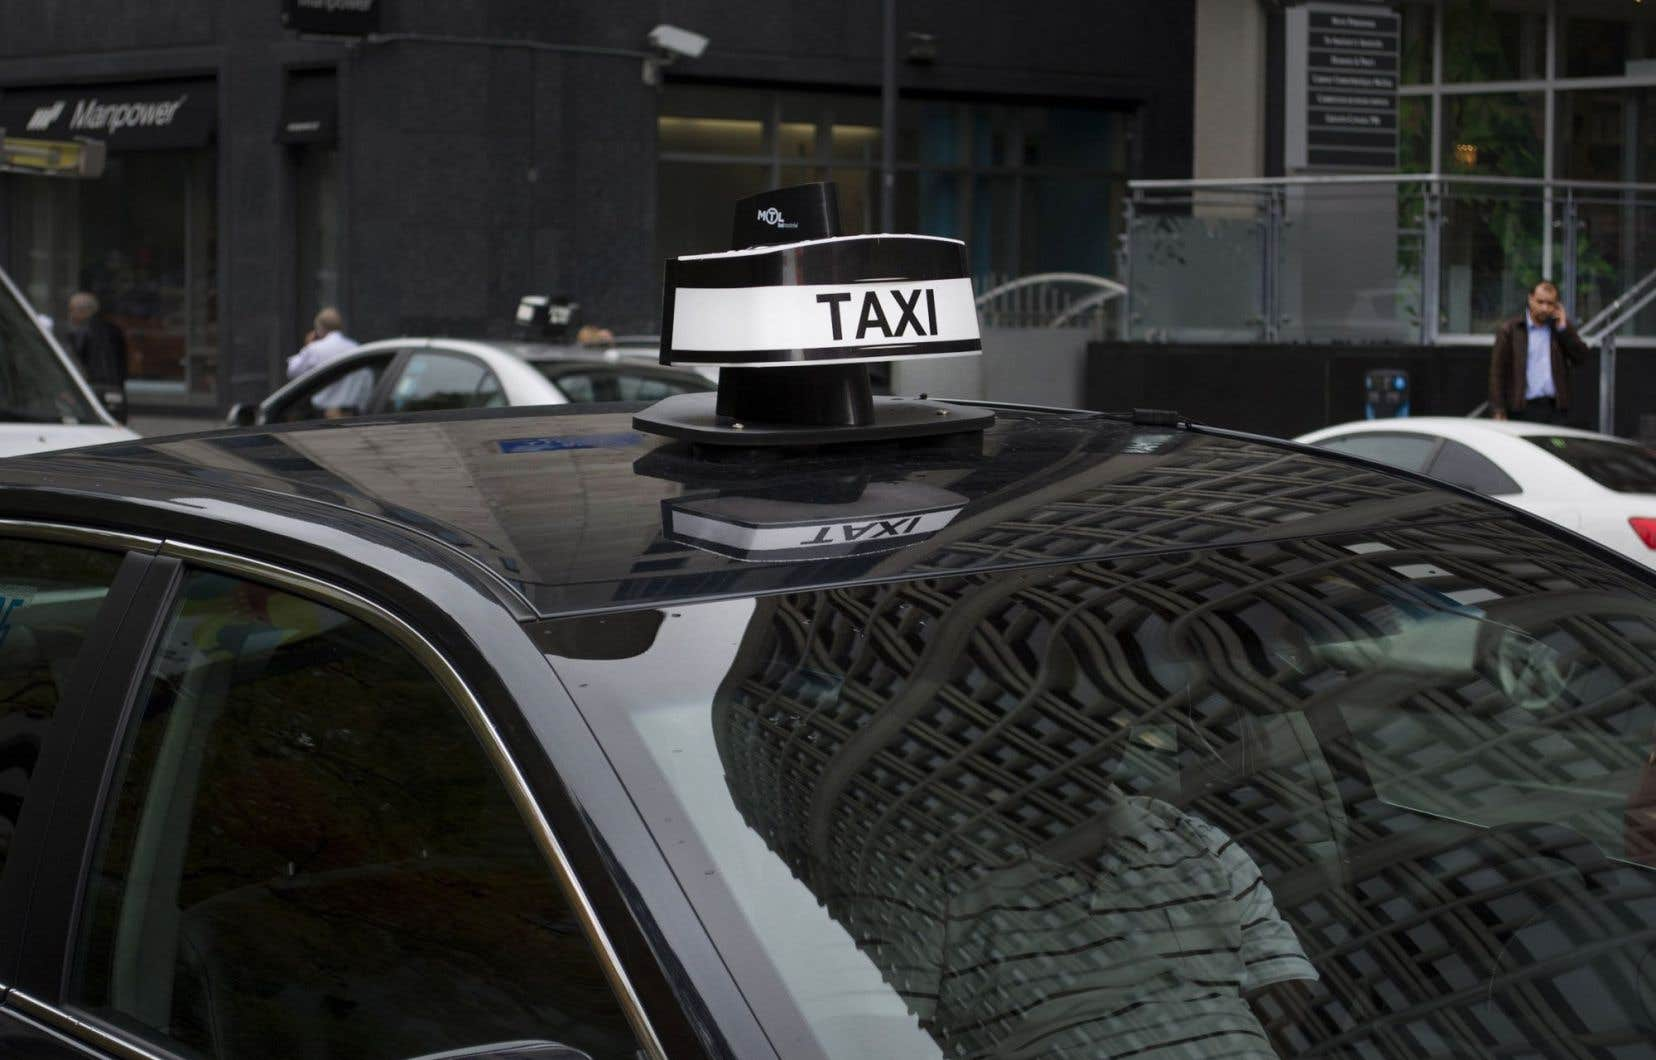 Mercredi, l'application de covoiturage d'UberX, qui permet à des automobilistes de transporter des passagers contre rémunération, a été activée à Montréal.